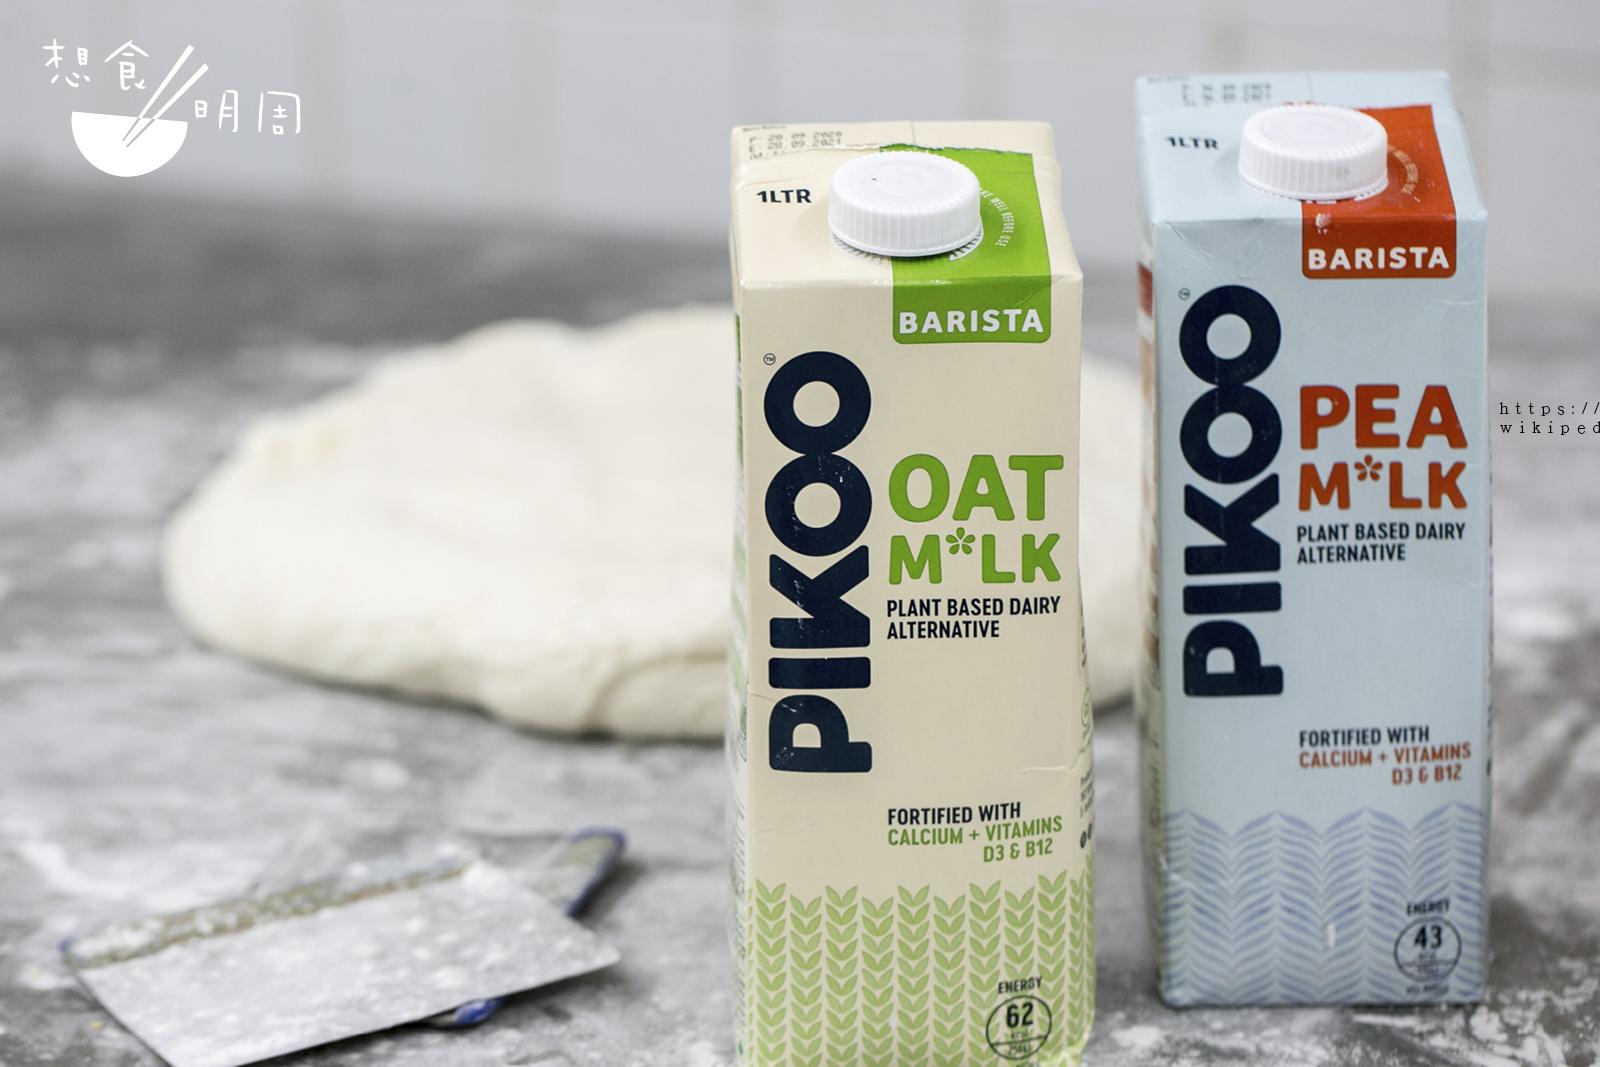 郭錦記今年找來瑞典植物奶品牌Pikoo合作,以植物奶取代水製作純素平安包。